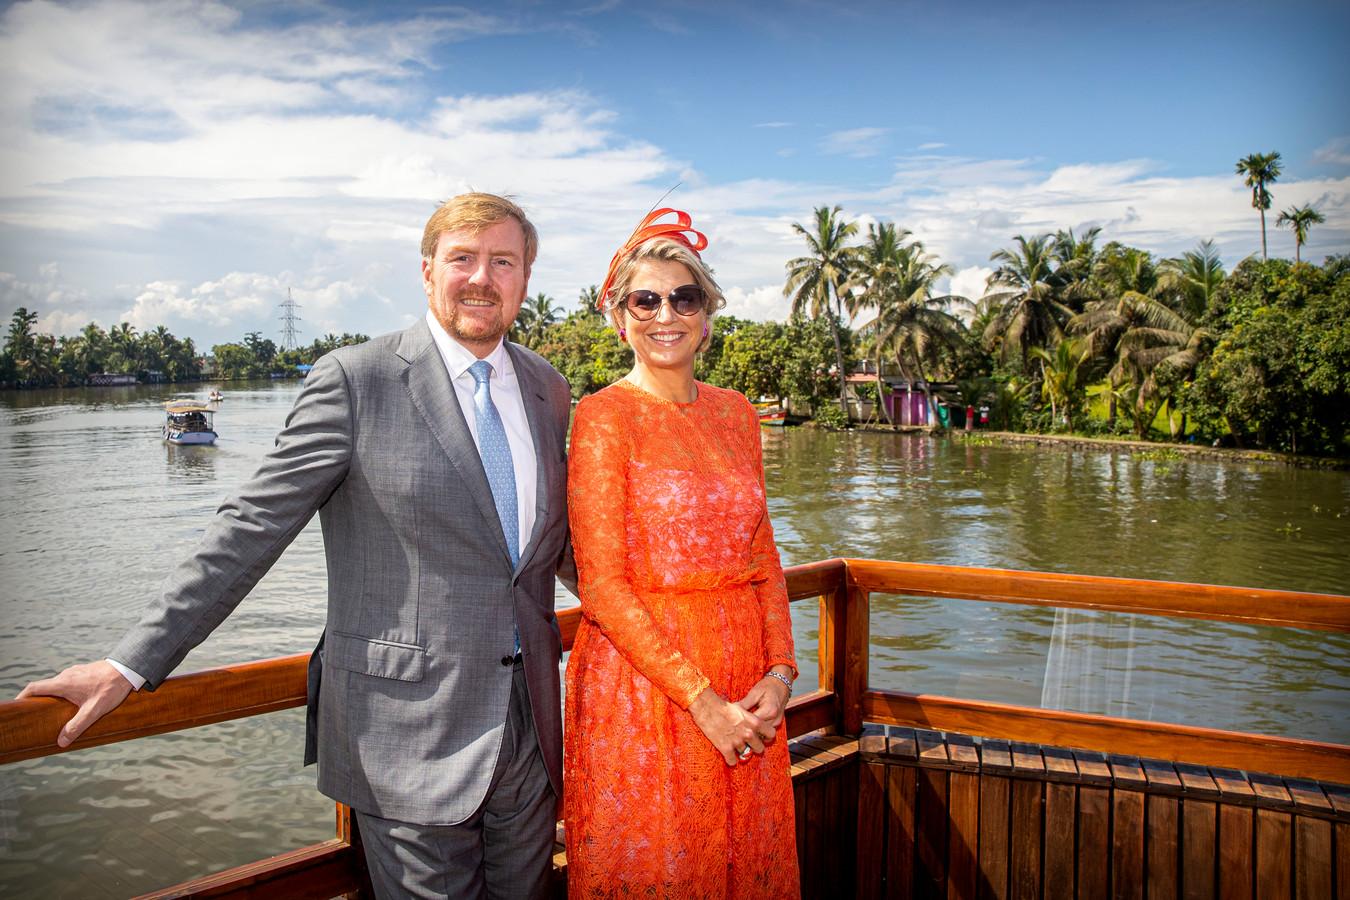 Koning Willem-Alexander en koningin Máxima tijdens het staatsbezoek aan India.